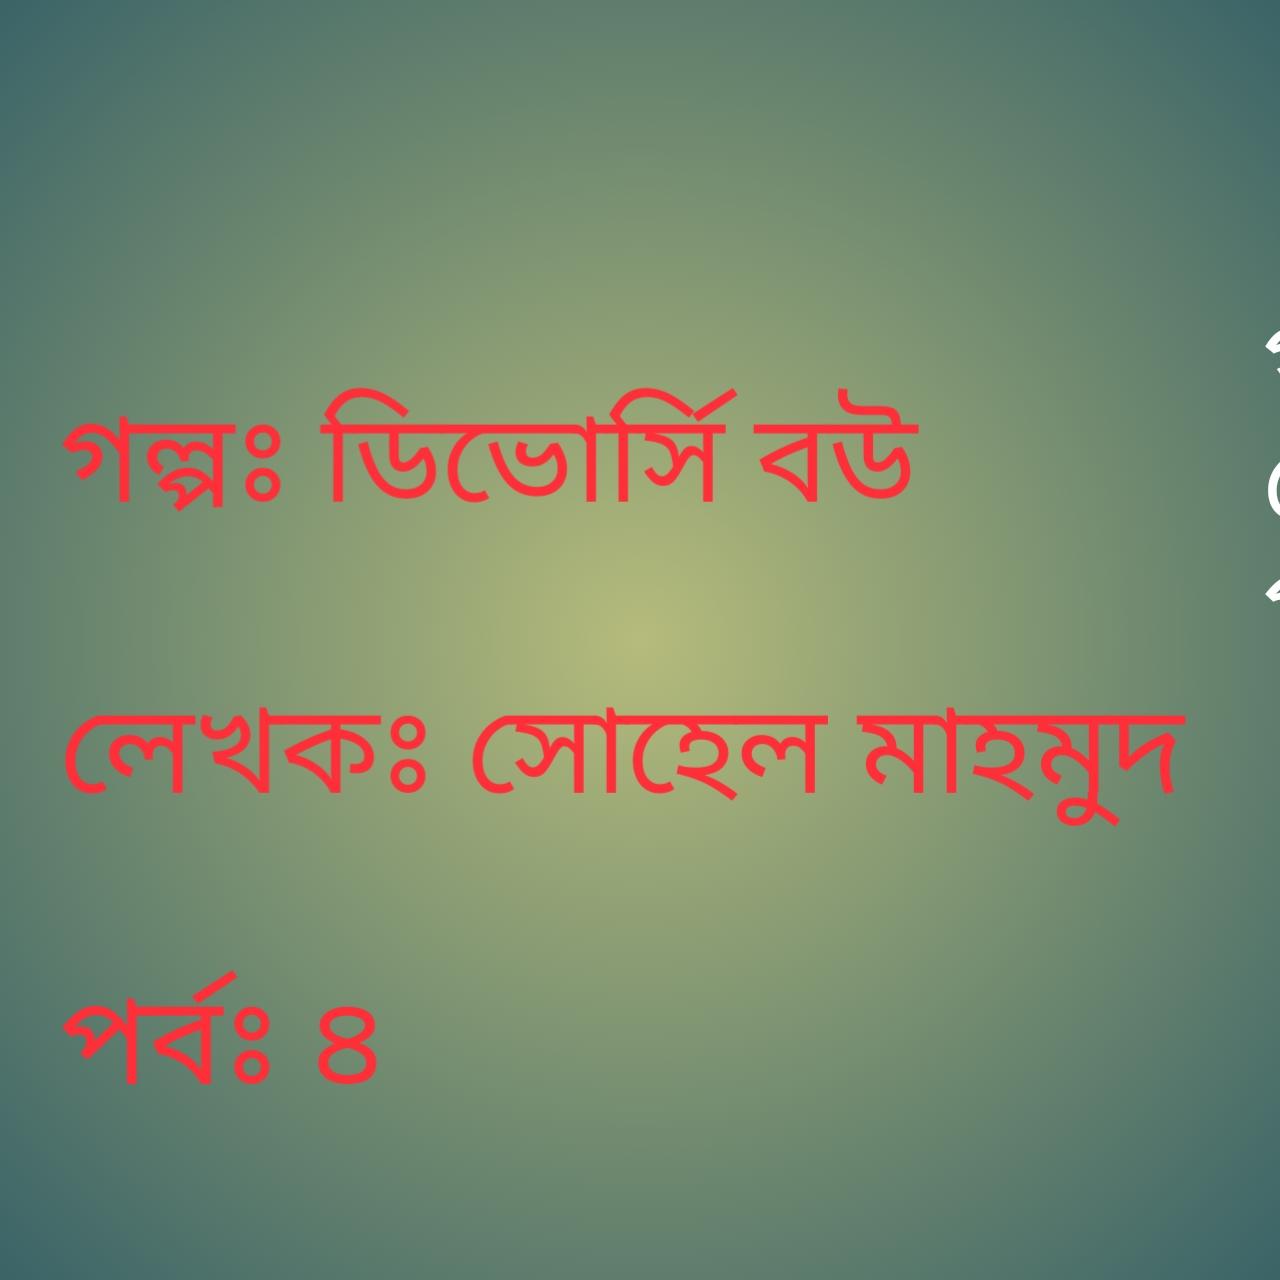 গল্পের নাম ডিভোর্সি বউ   ডিভোর্সি বউ   পর্ব ৪। ডিভোর্সি।  ডিভোর্স   Divorce   Bd love story   Bangla love story   valobasar golp, ভালবাসার গল্প , রোমান্টিক ভালবাসার গল্প   Bangla Romantic Sad Love Story